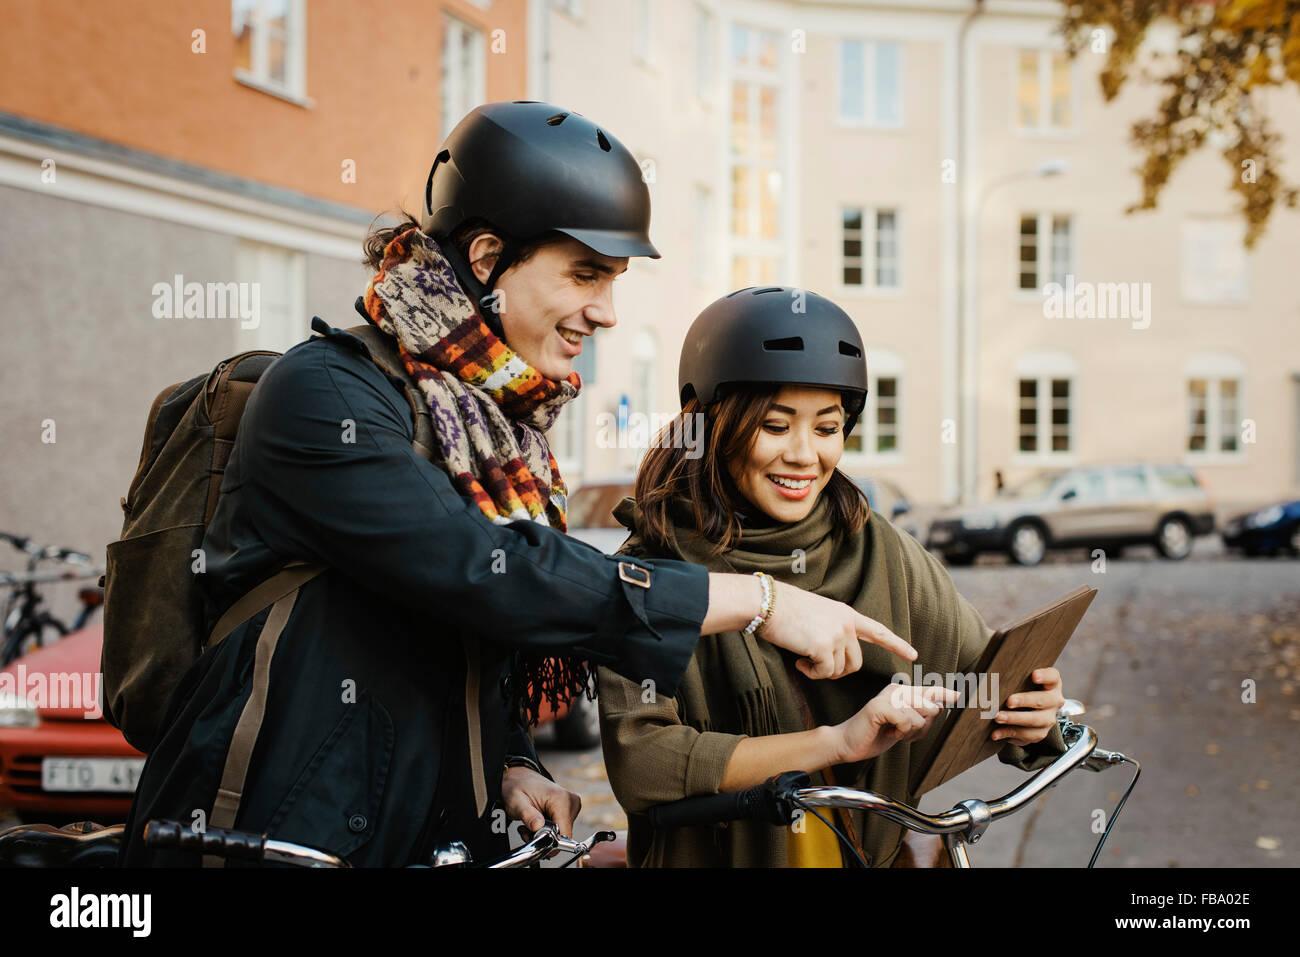 La Svezia, Uppland, Stoccolma, Vasastan, Rodabergsbrinken, due giovani guardando digitale compressa sorridente Immagini Stock